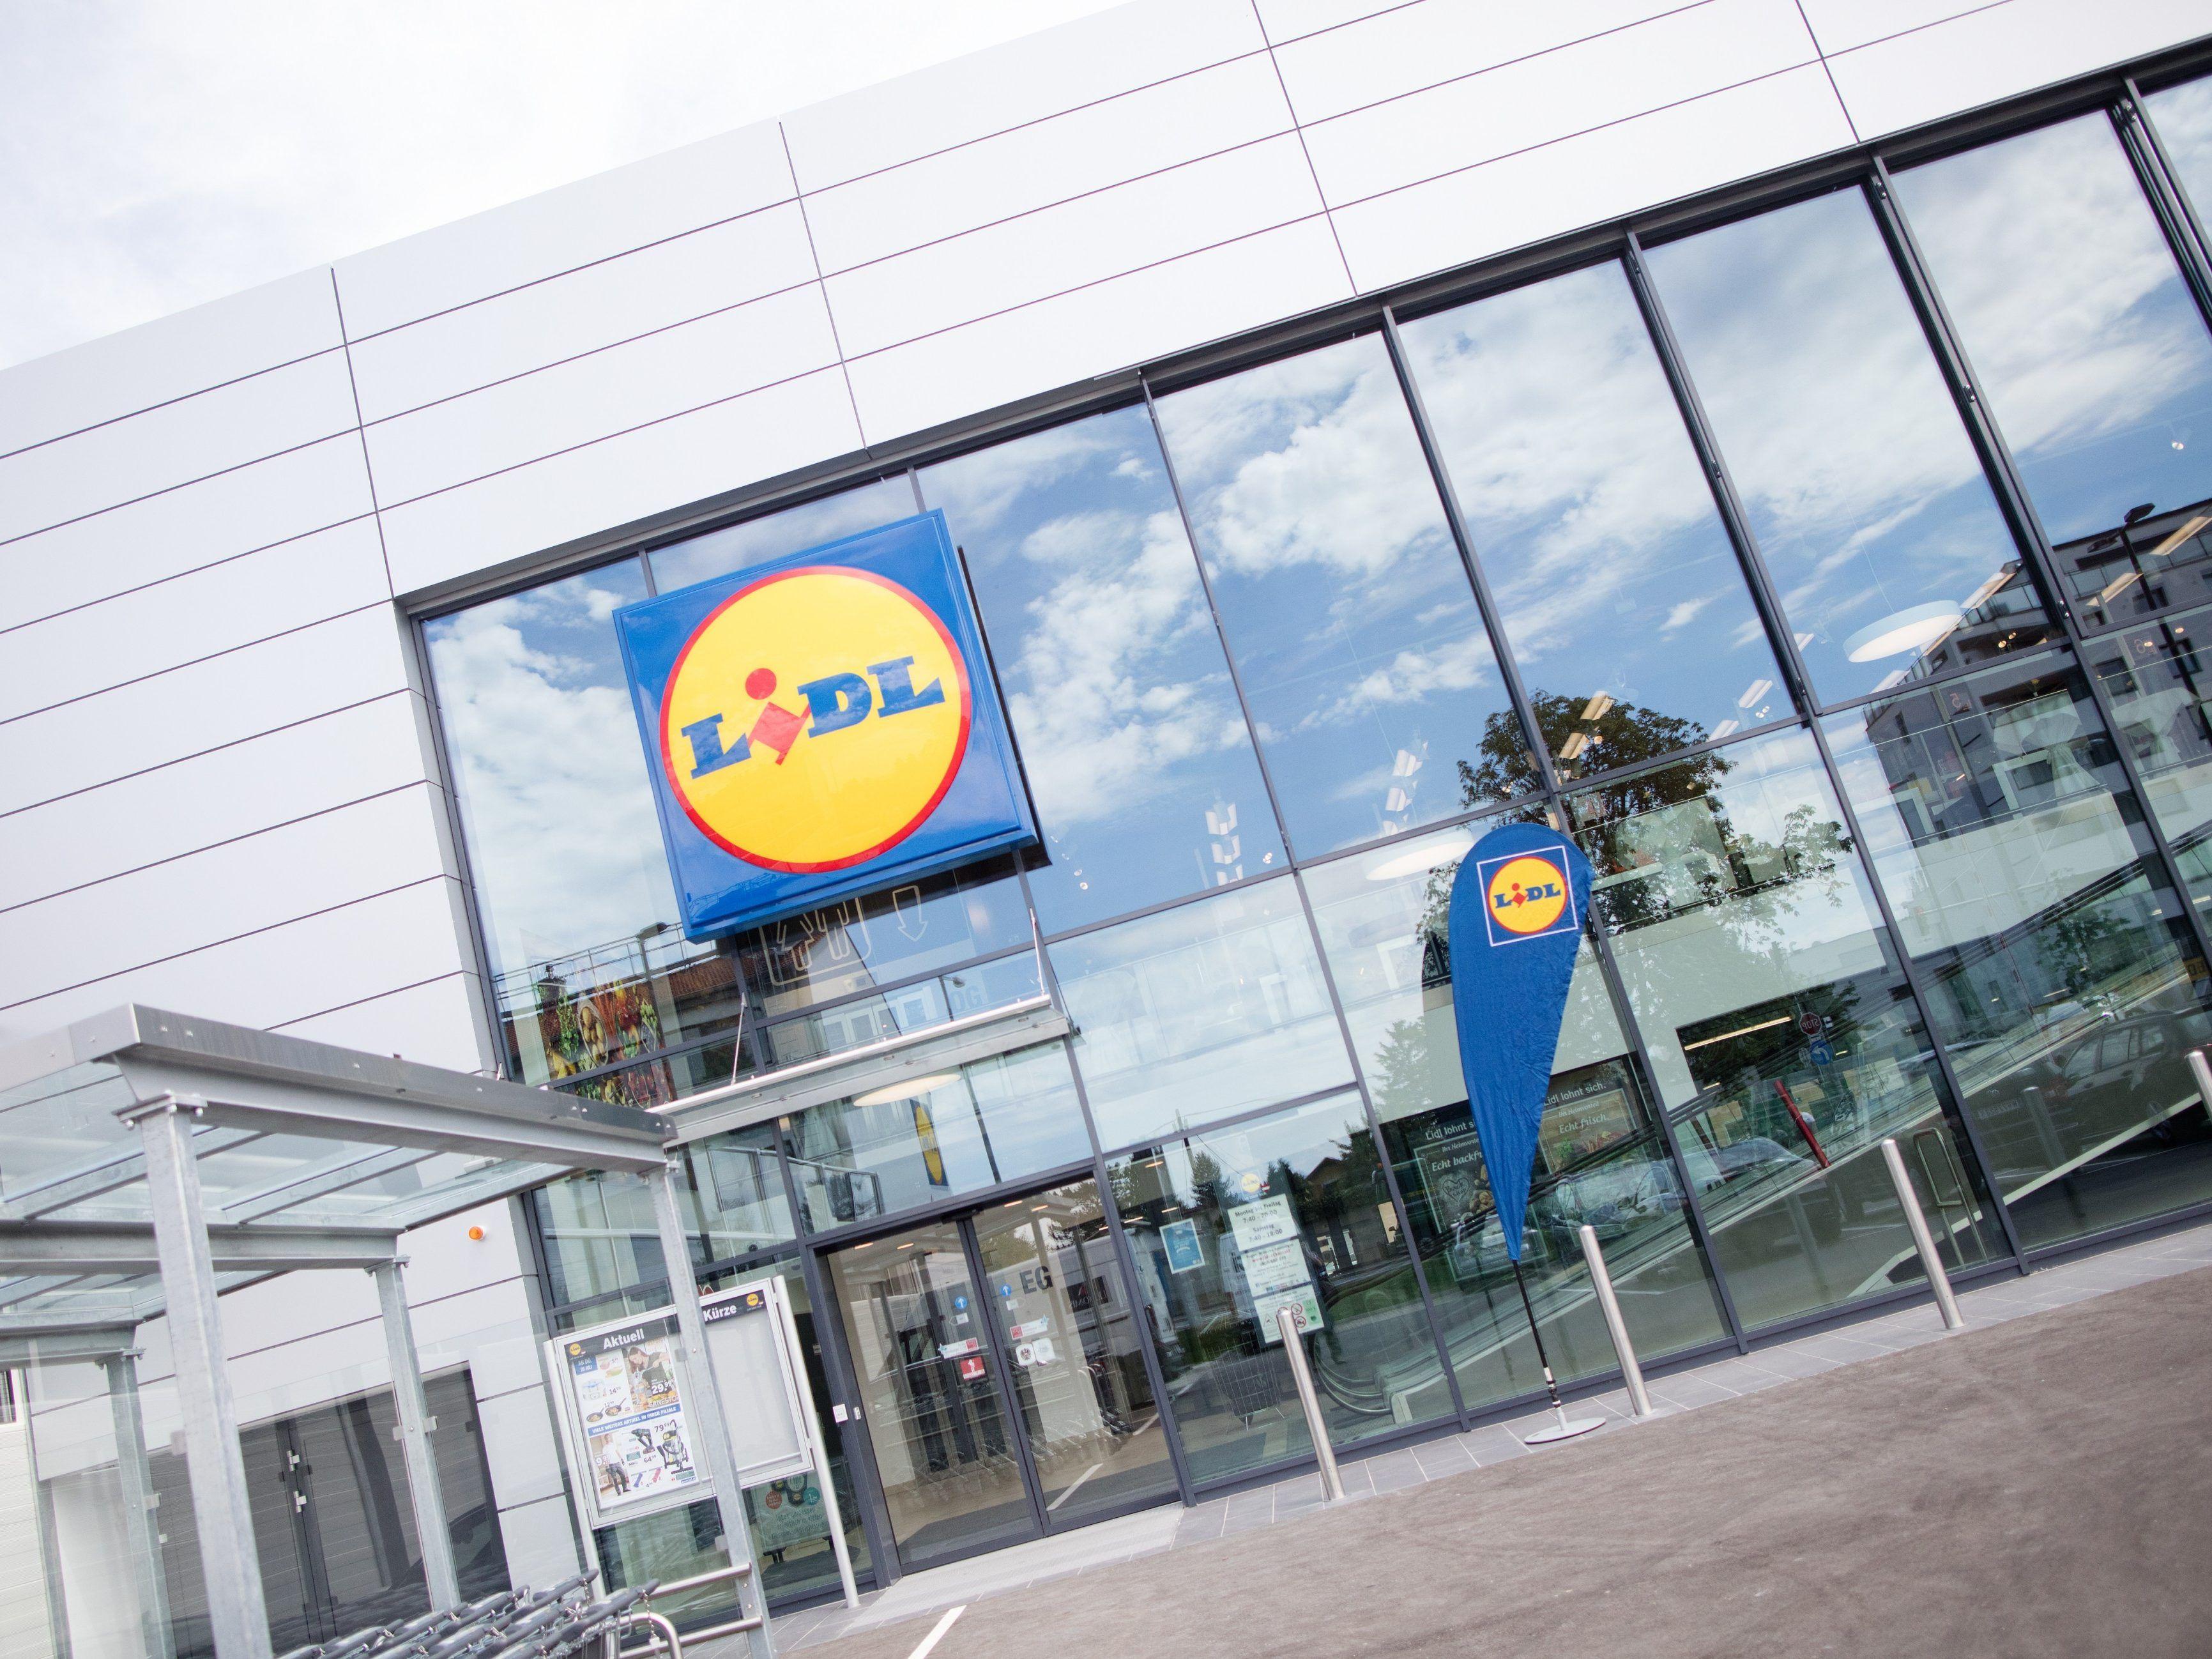 Wohnen auf dem Supermarkt: 60 Wohnungen am Dach von Lidl-Filiale in ...